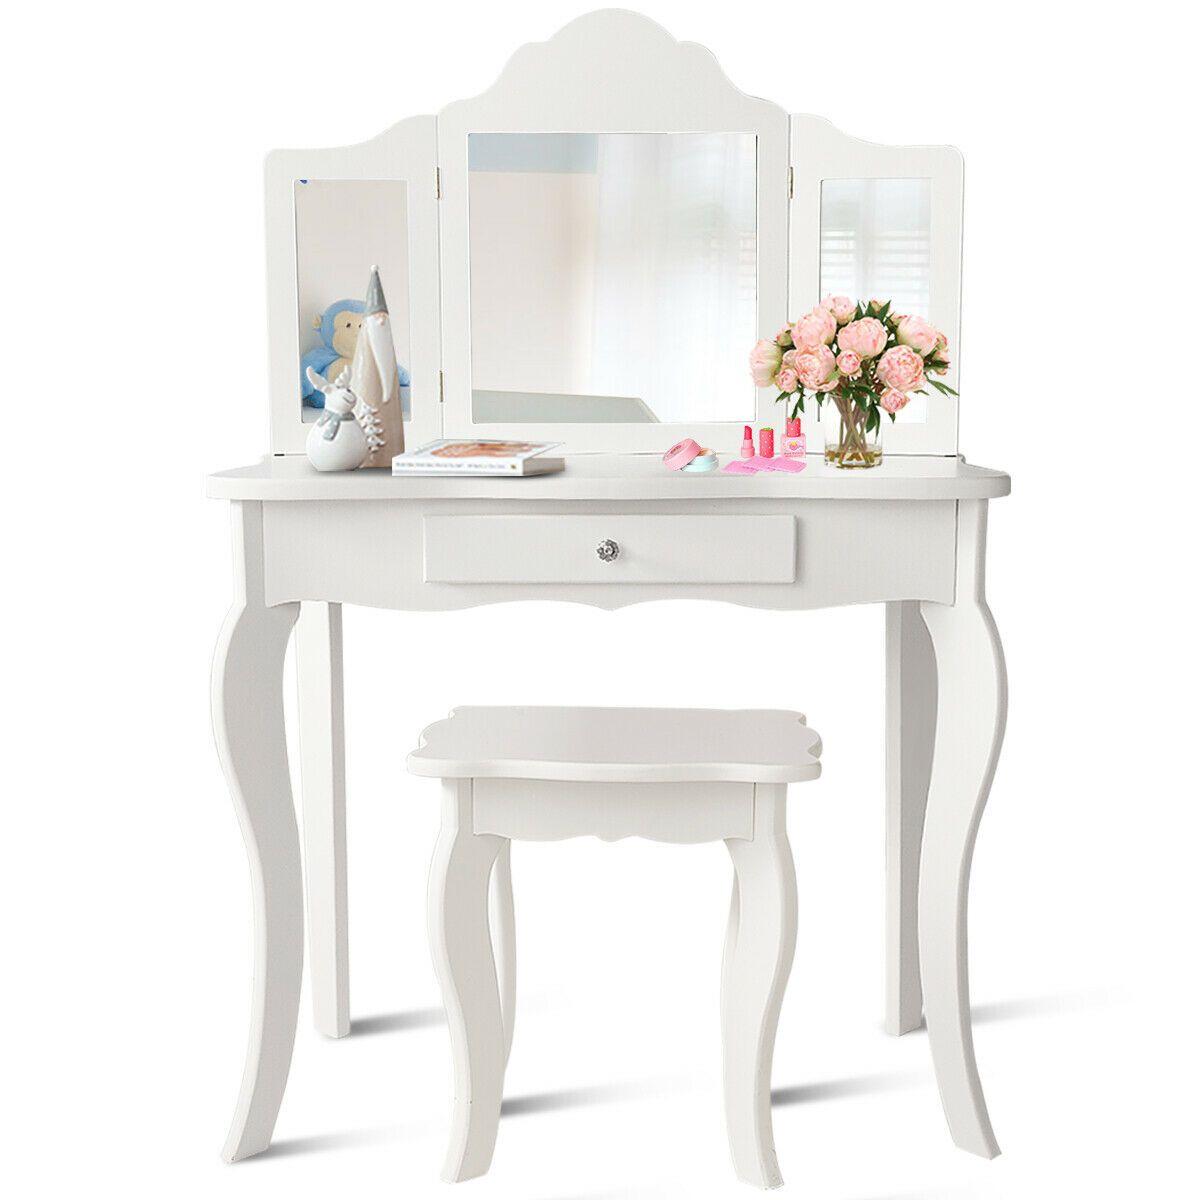 Costway Vanity Table Set Makeup Dressing Table Kids Girls Stool Mirror Walmart Com Vanity Table Set Mirrored Vanity Table Vanity Table